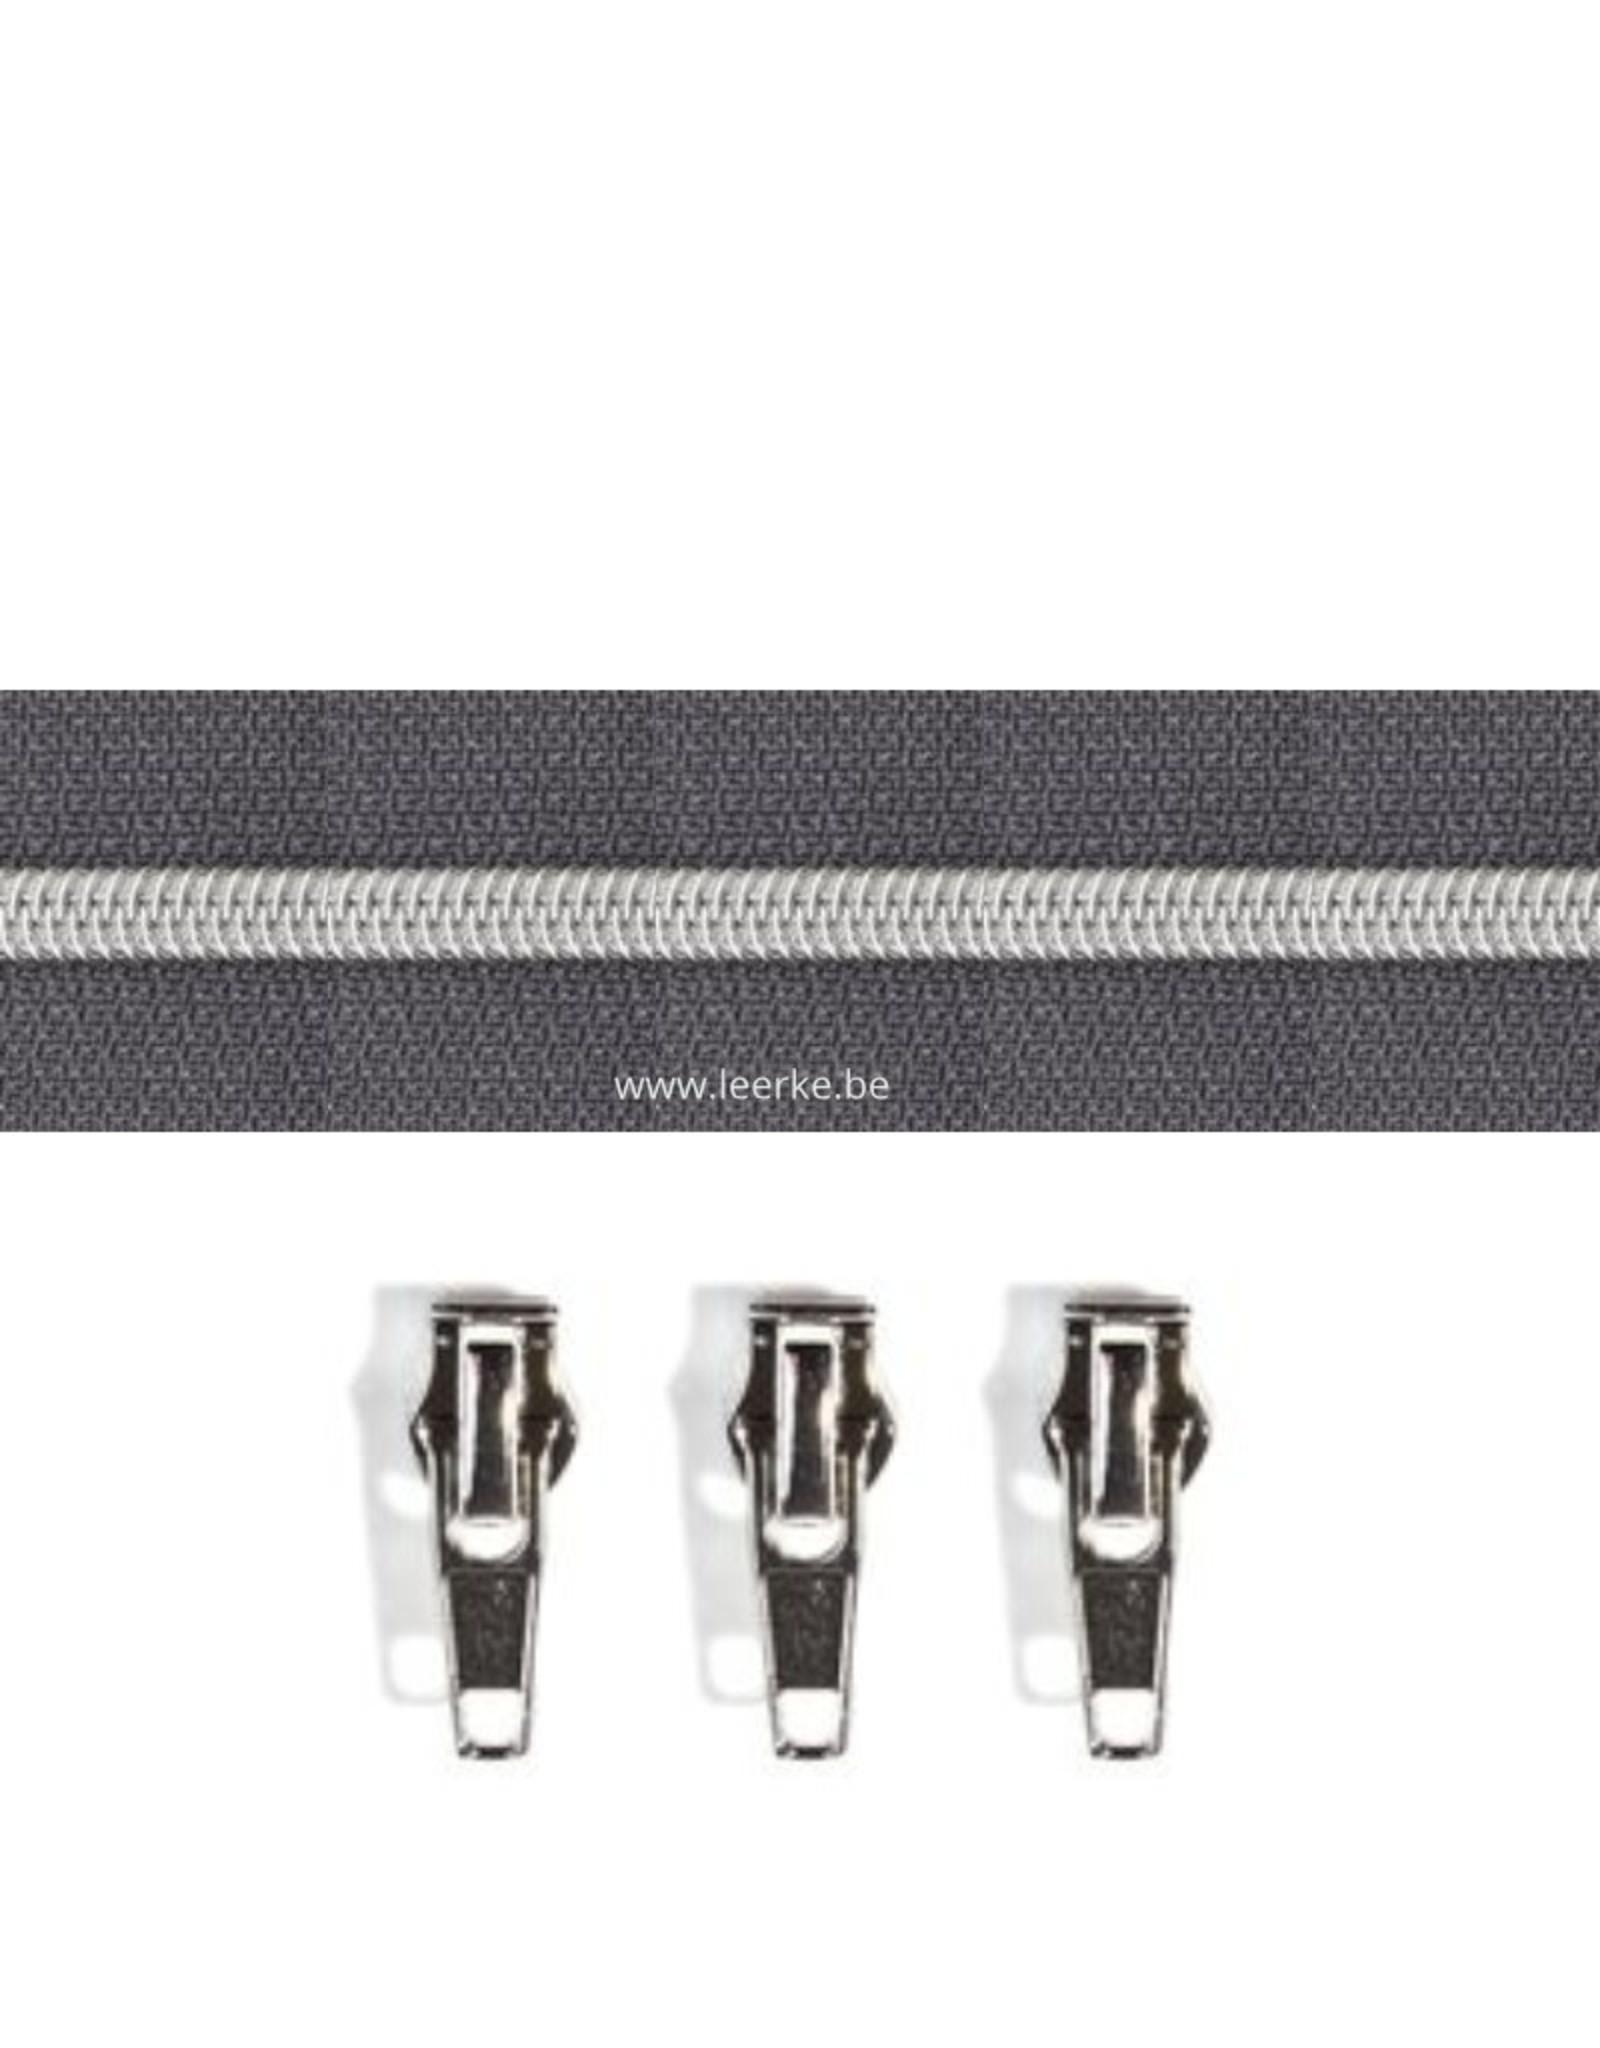 Rits per meter (incl. 3 trekkers) - Zilver- Donkergrijs - Size 6,5